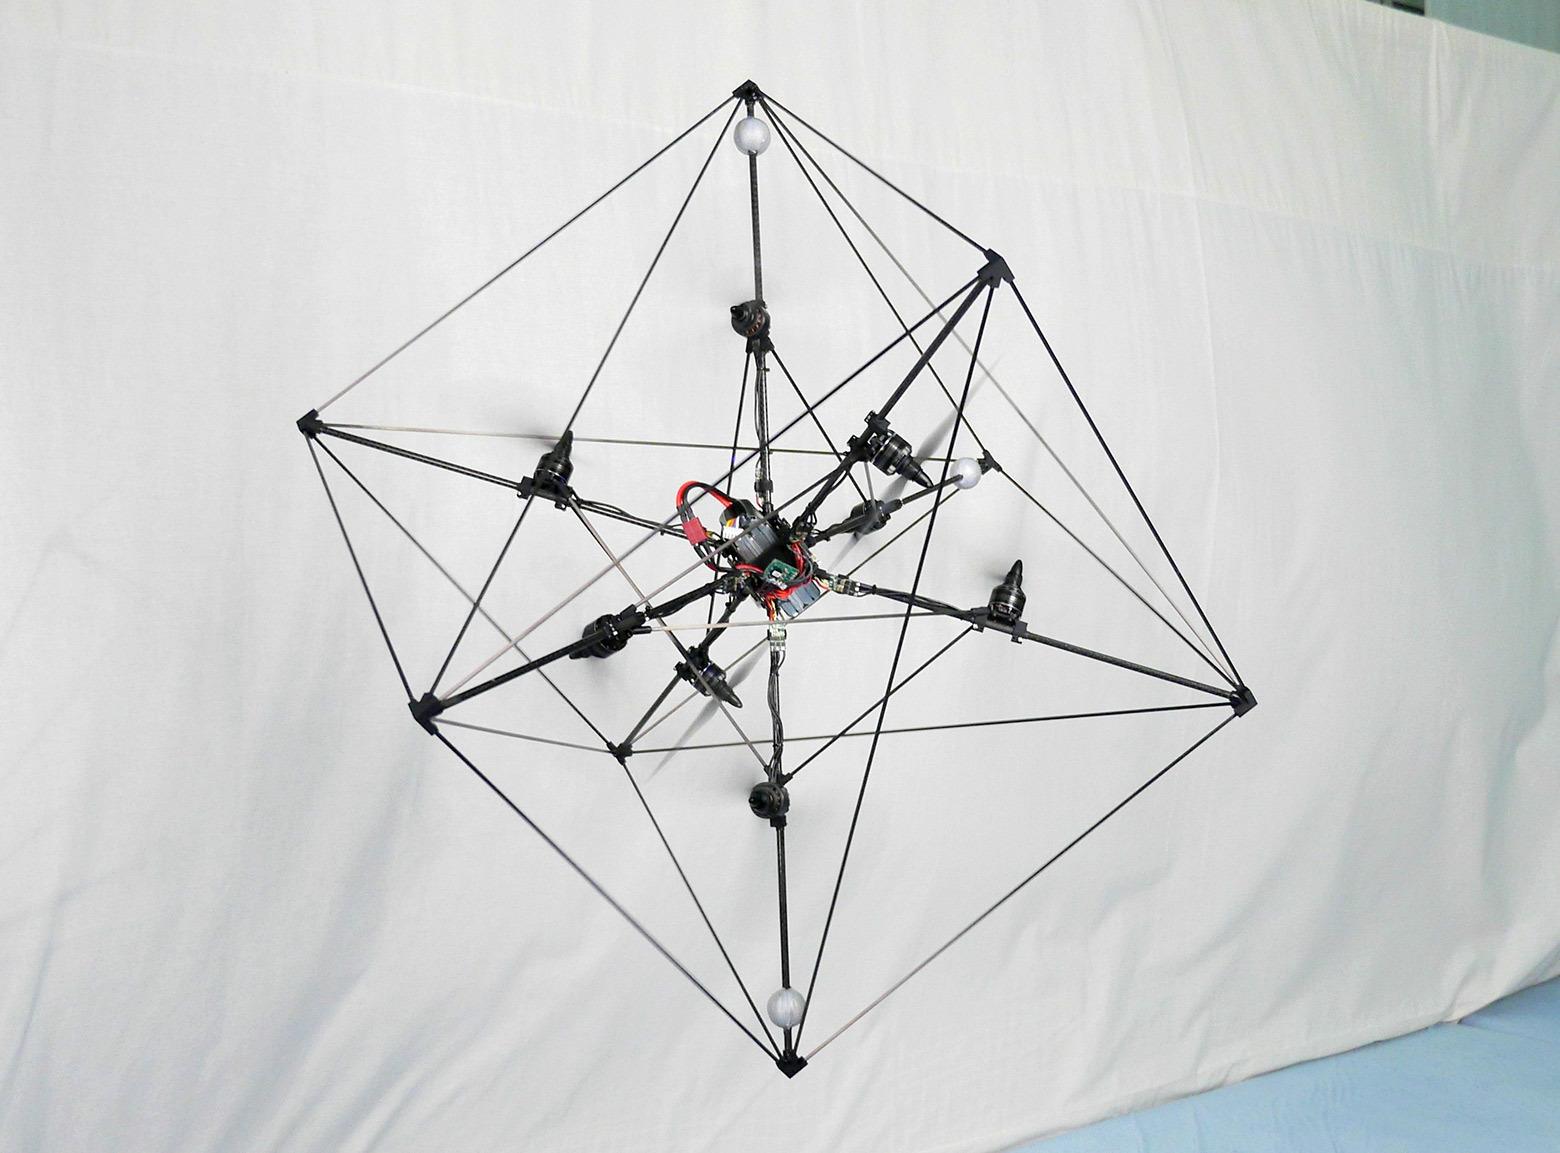 Первый в мире асимметричный дрон с одной подвижной частью - 5